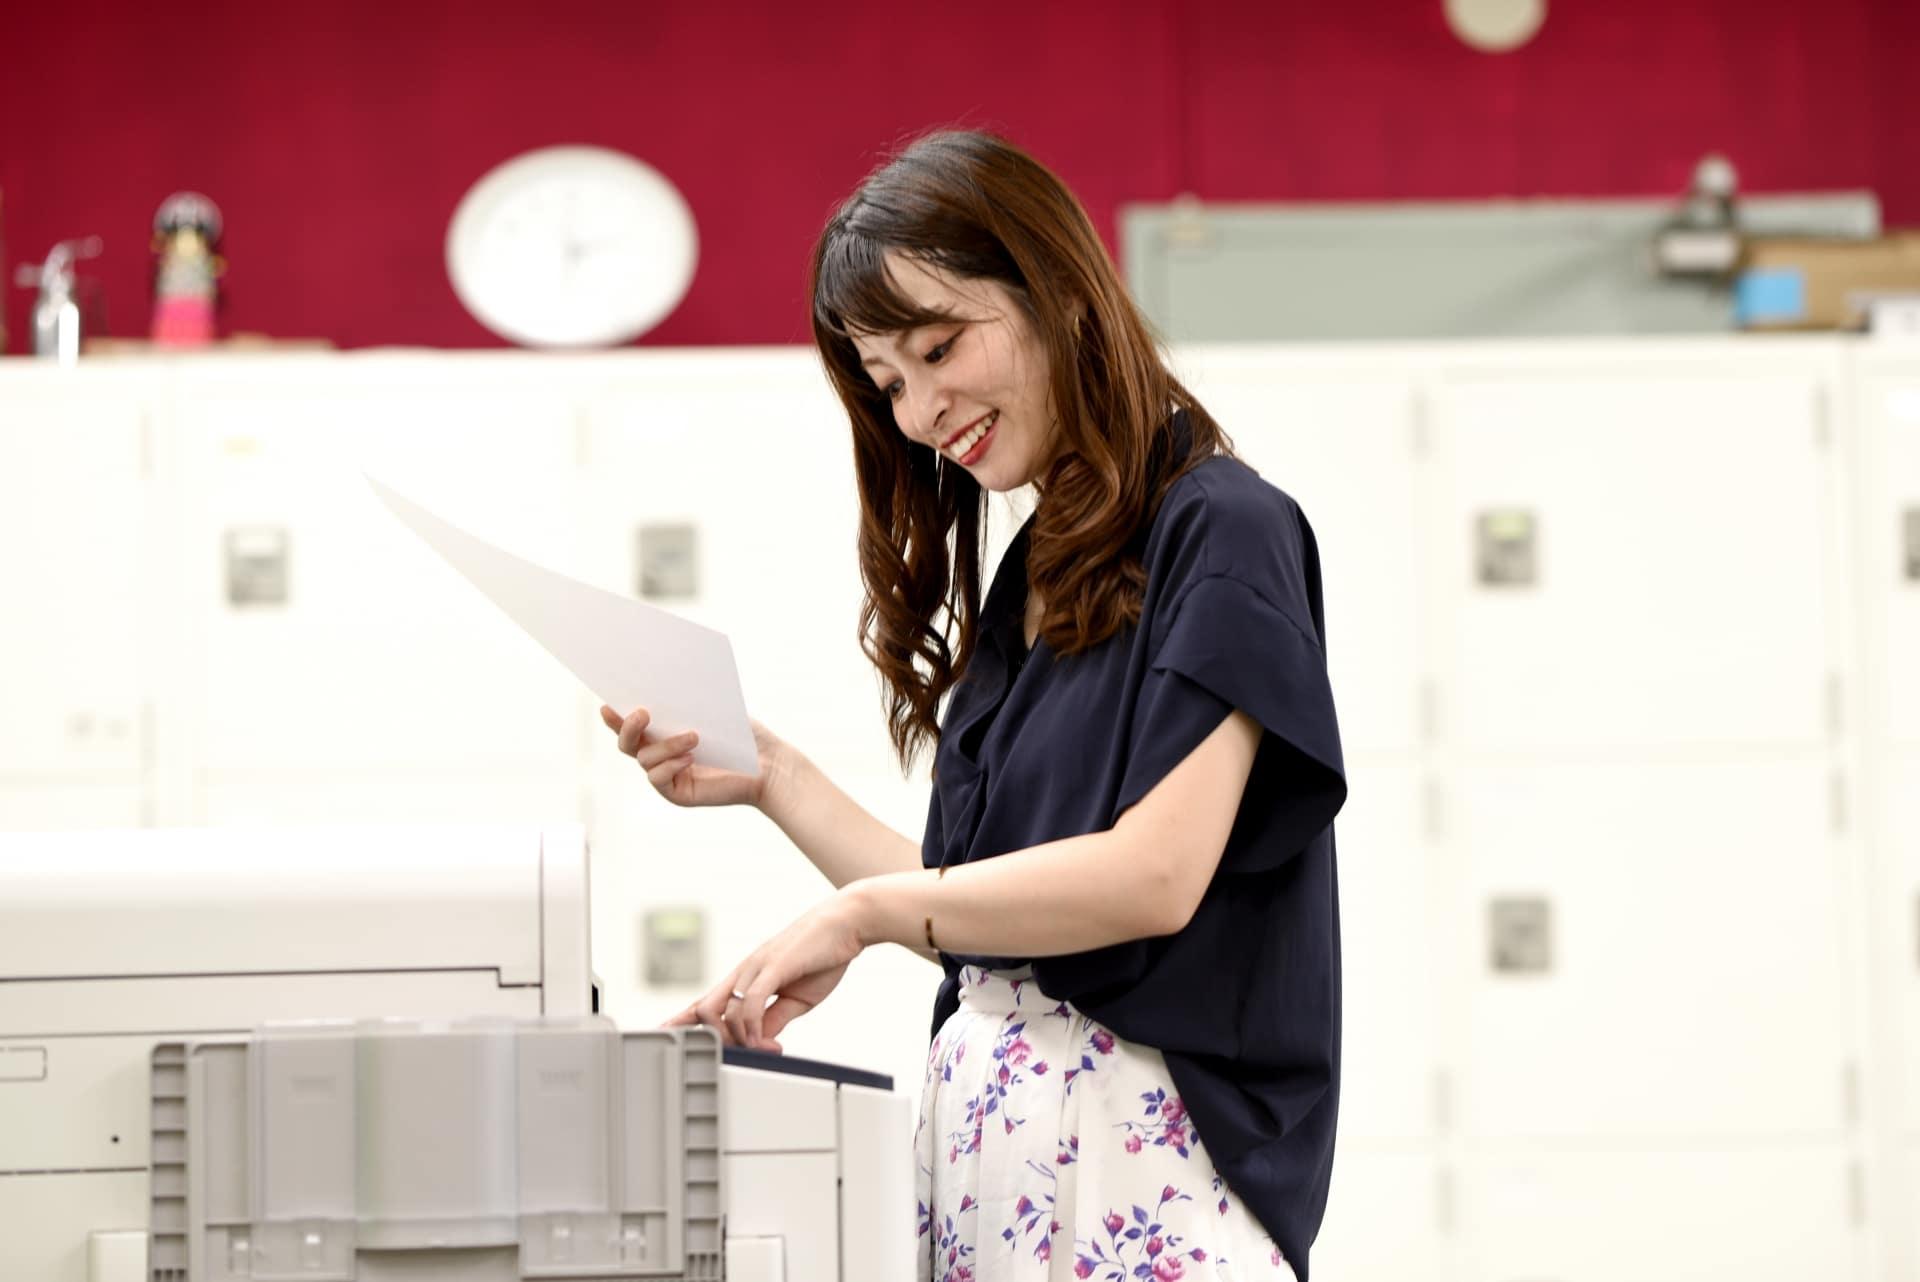 コピー機、プリンターを操作する女性